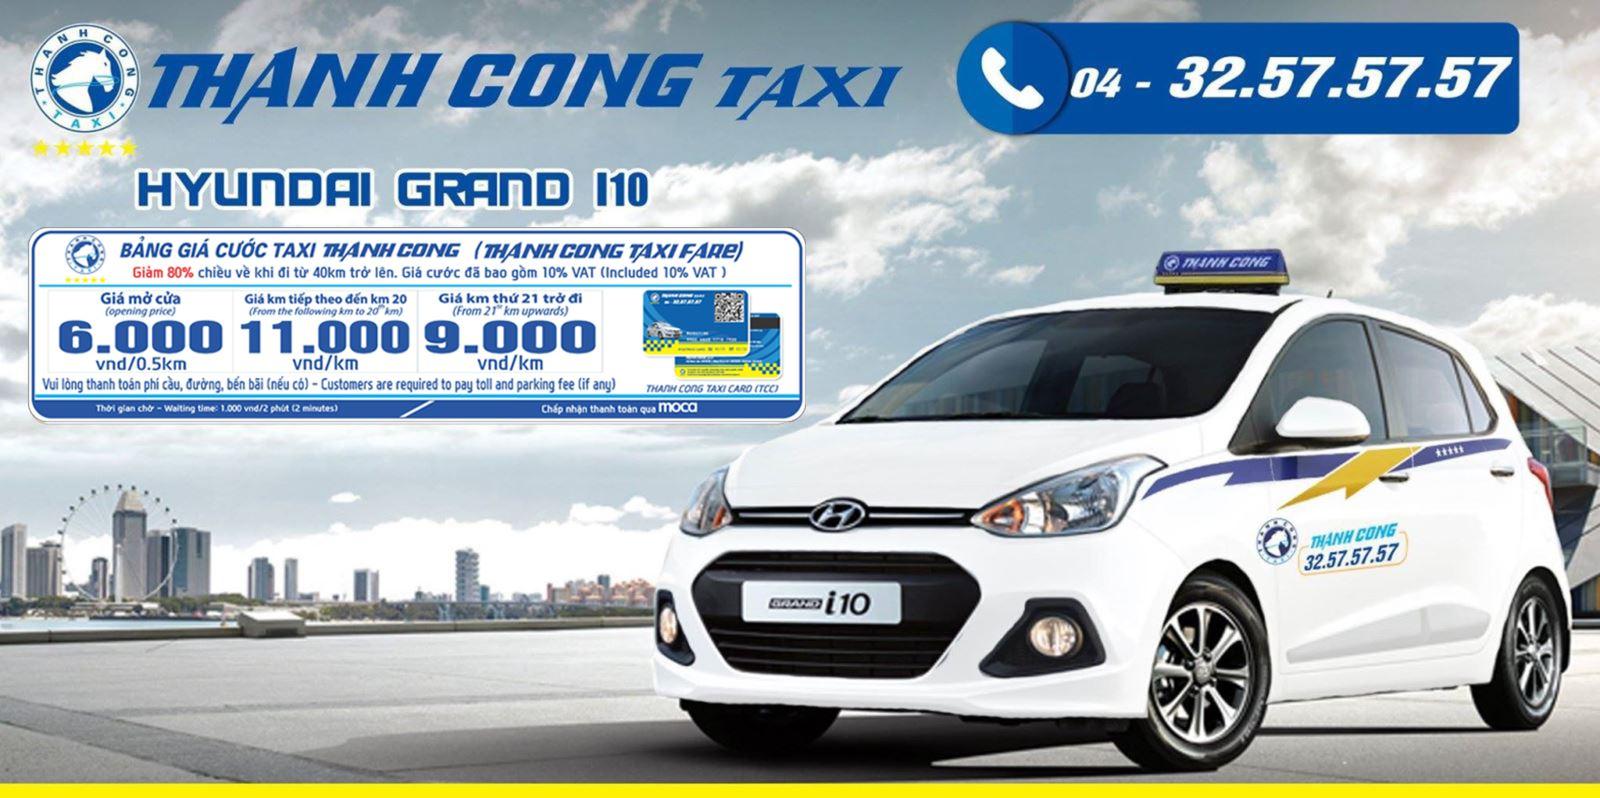 Thành Công Taxi